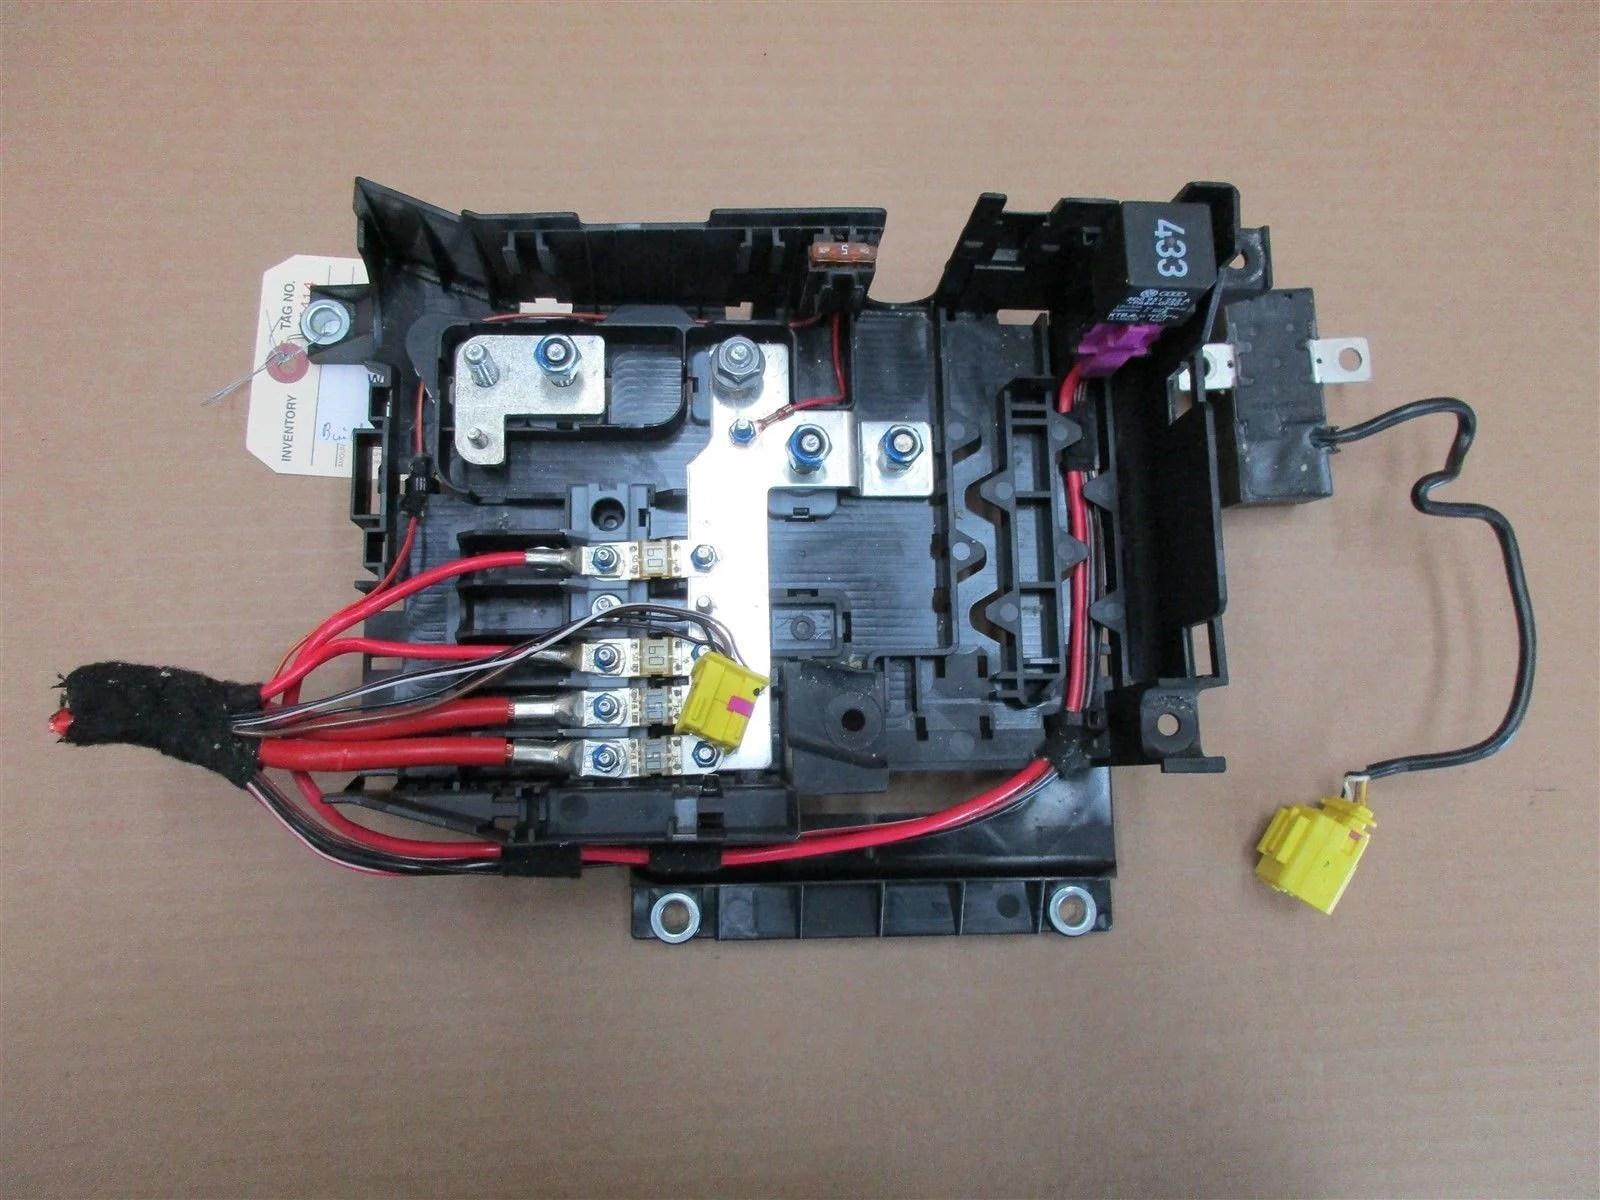 04 cayenne awd porsche 955 fuse box relay 7l0937548 7l0915457 76 569 [ 1600 x 1200 Pixel ]